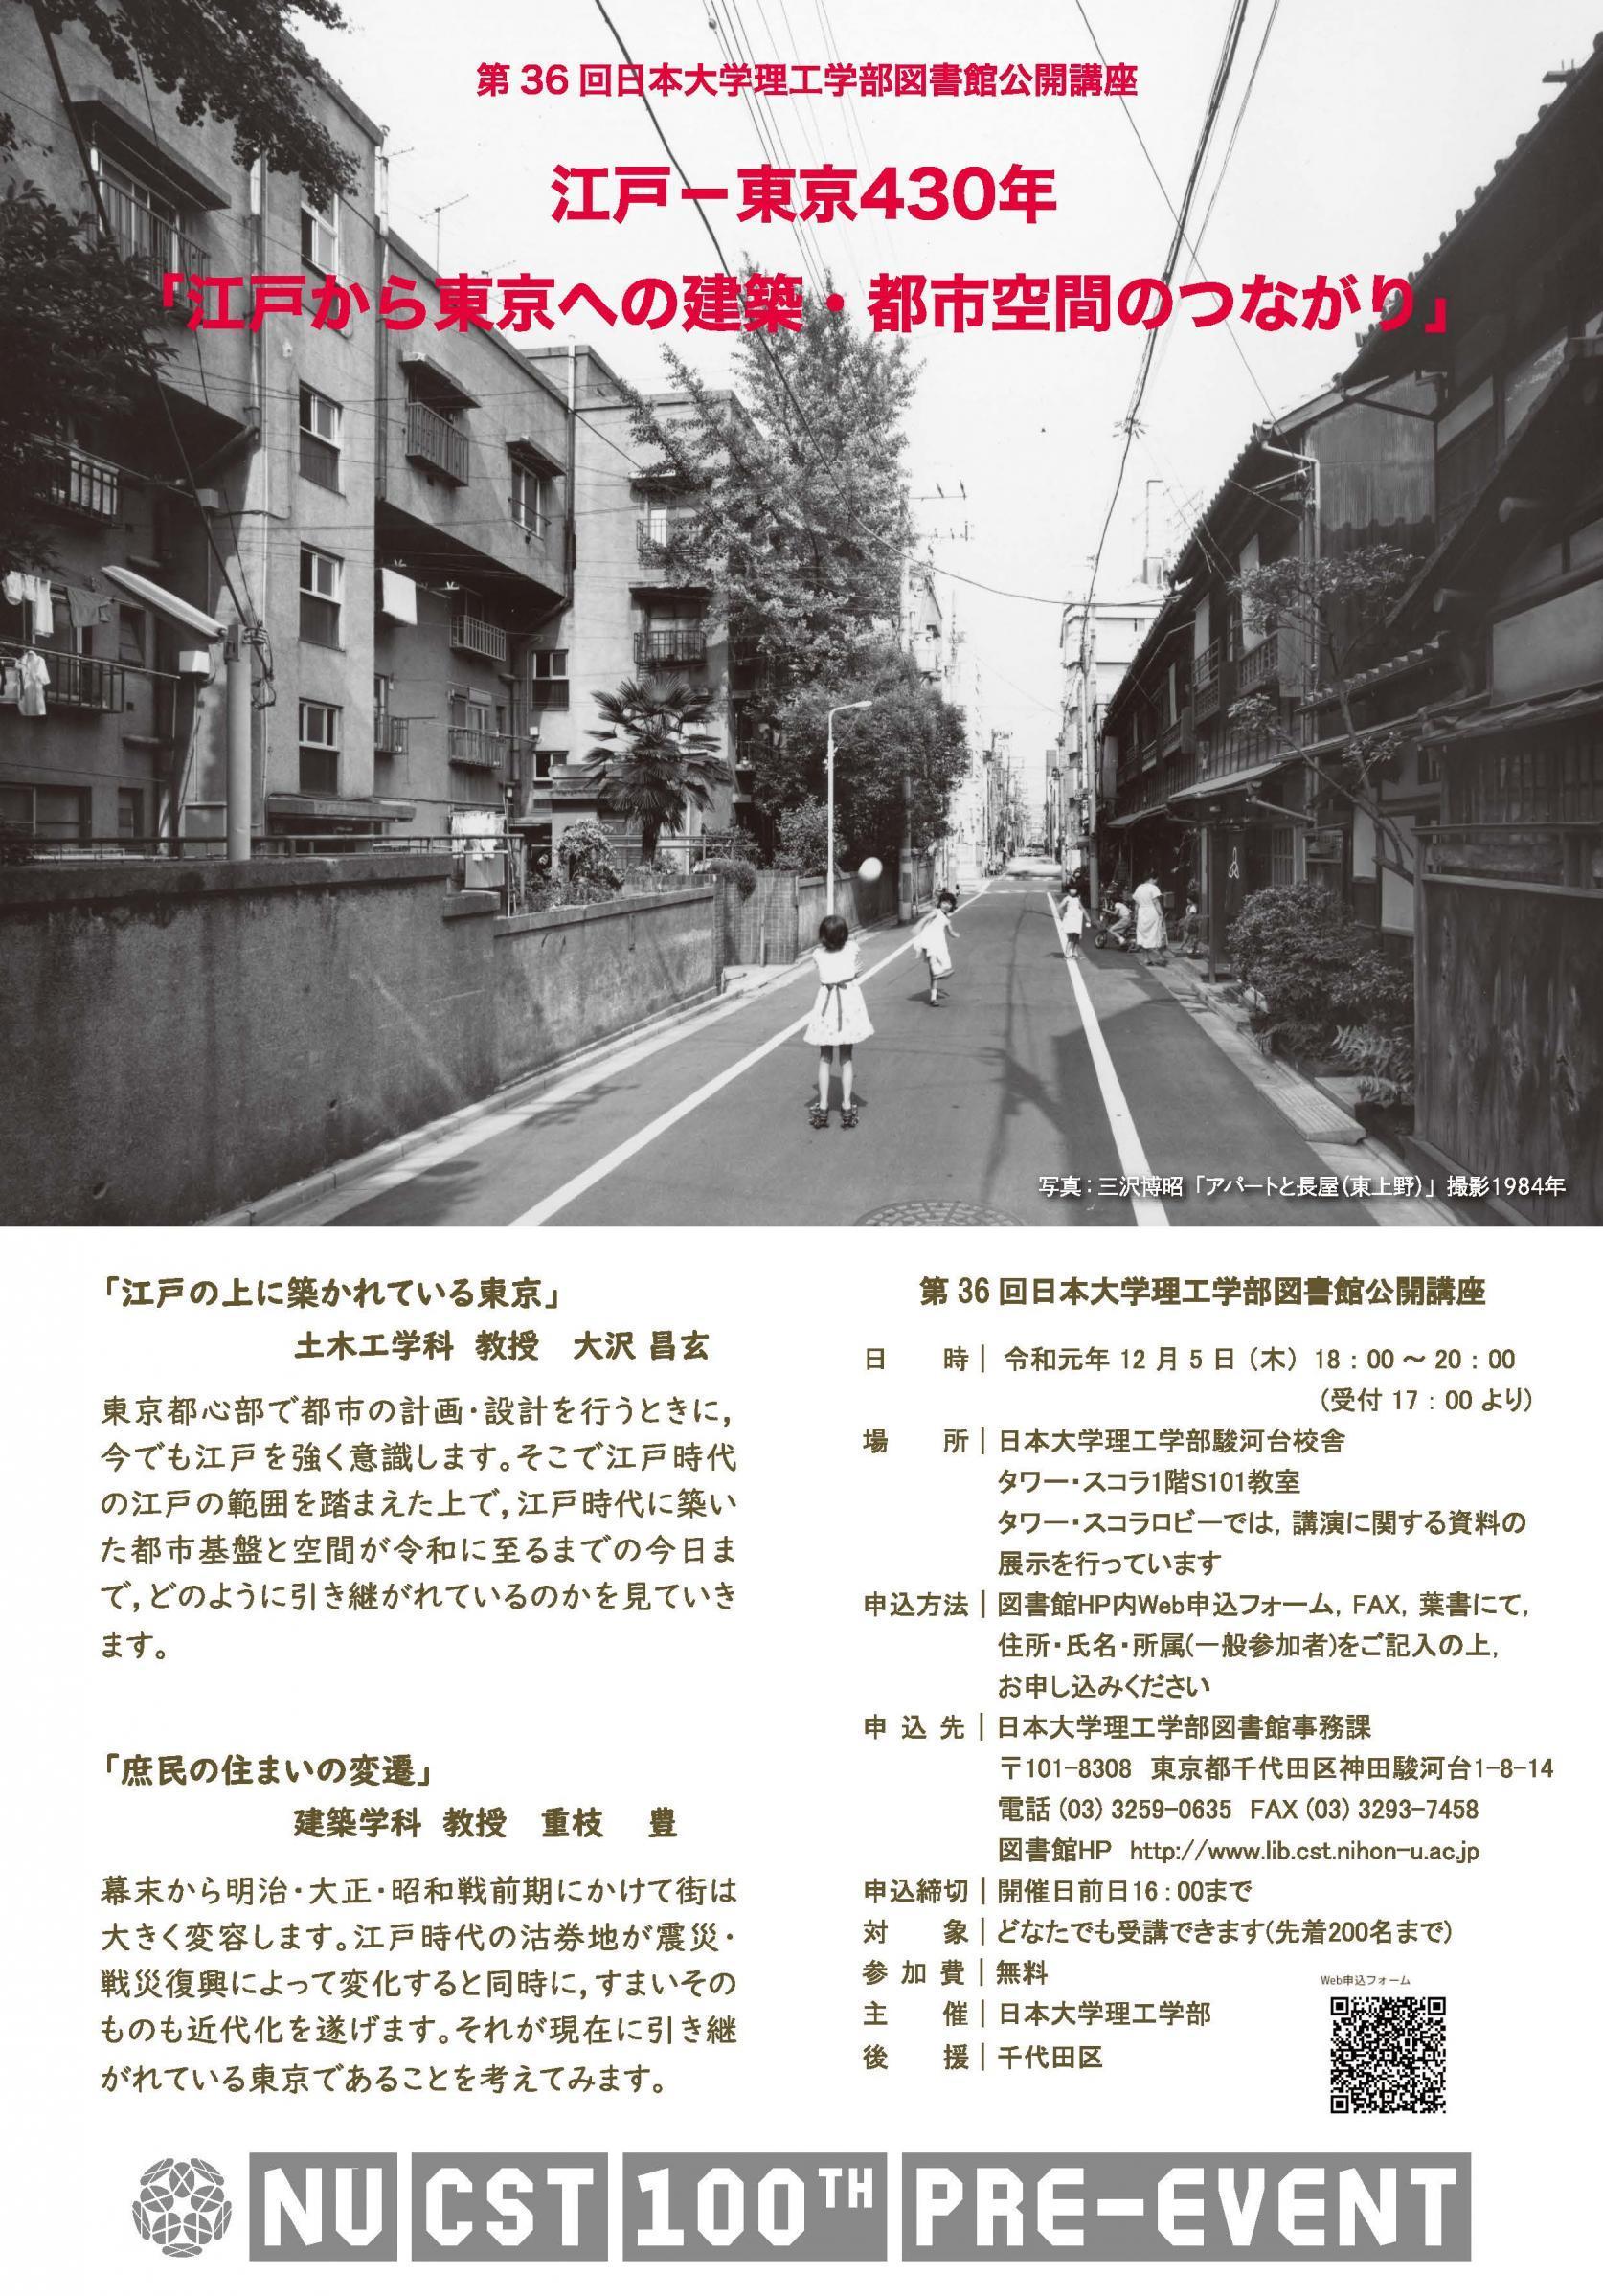 「第36回日本大学理工学部図書館公開講座」申し込み締め切りのお知らせ